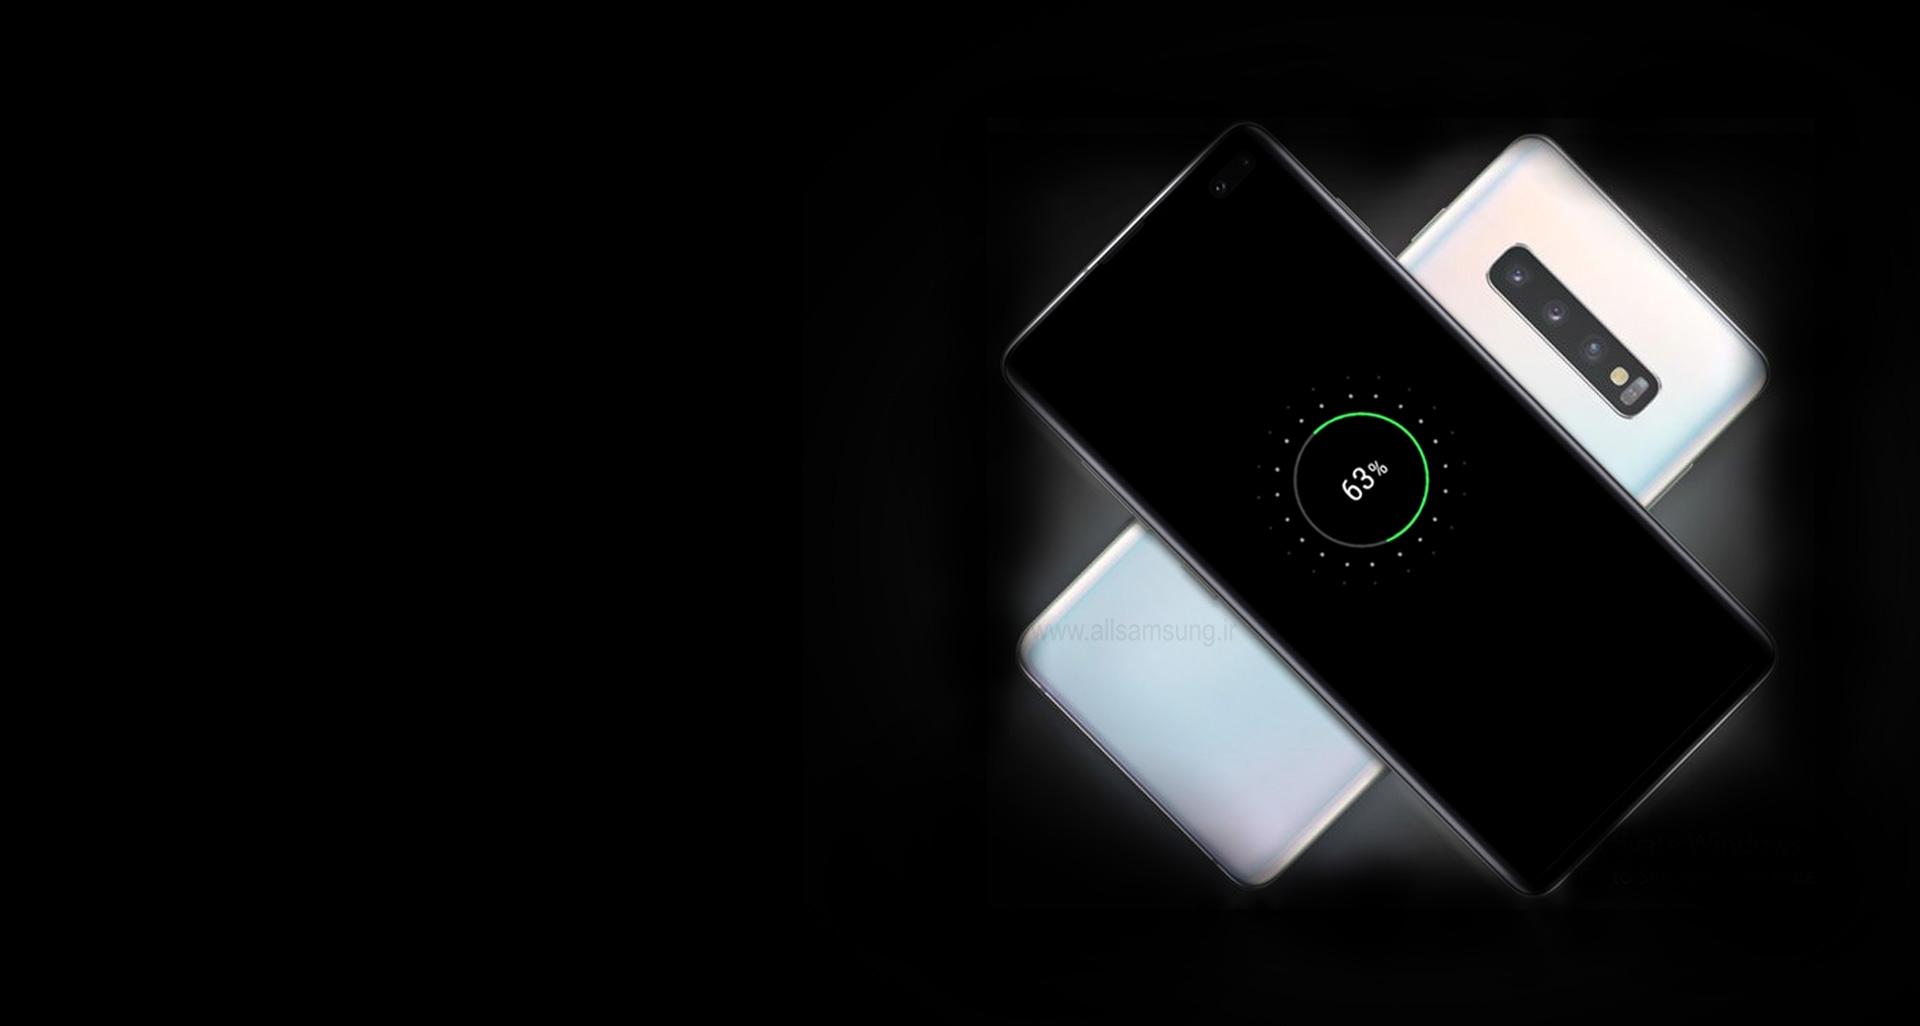 باتری 24 ساعته هوشمند گلکسی +S10، تمام روز همراه شما